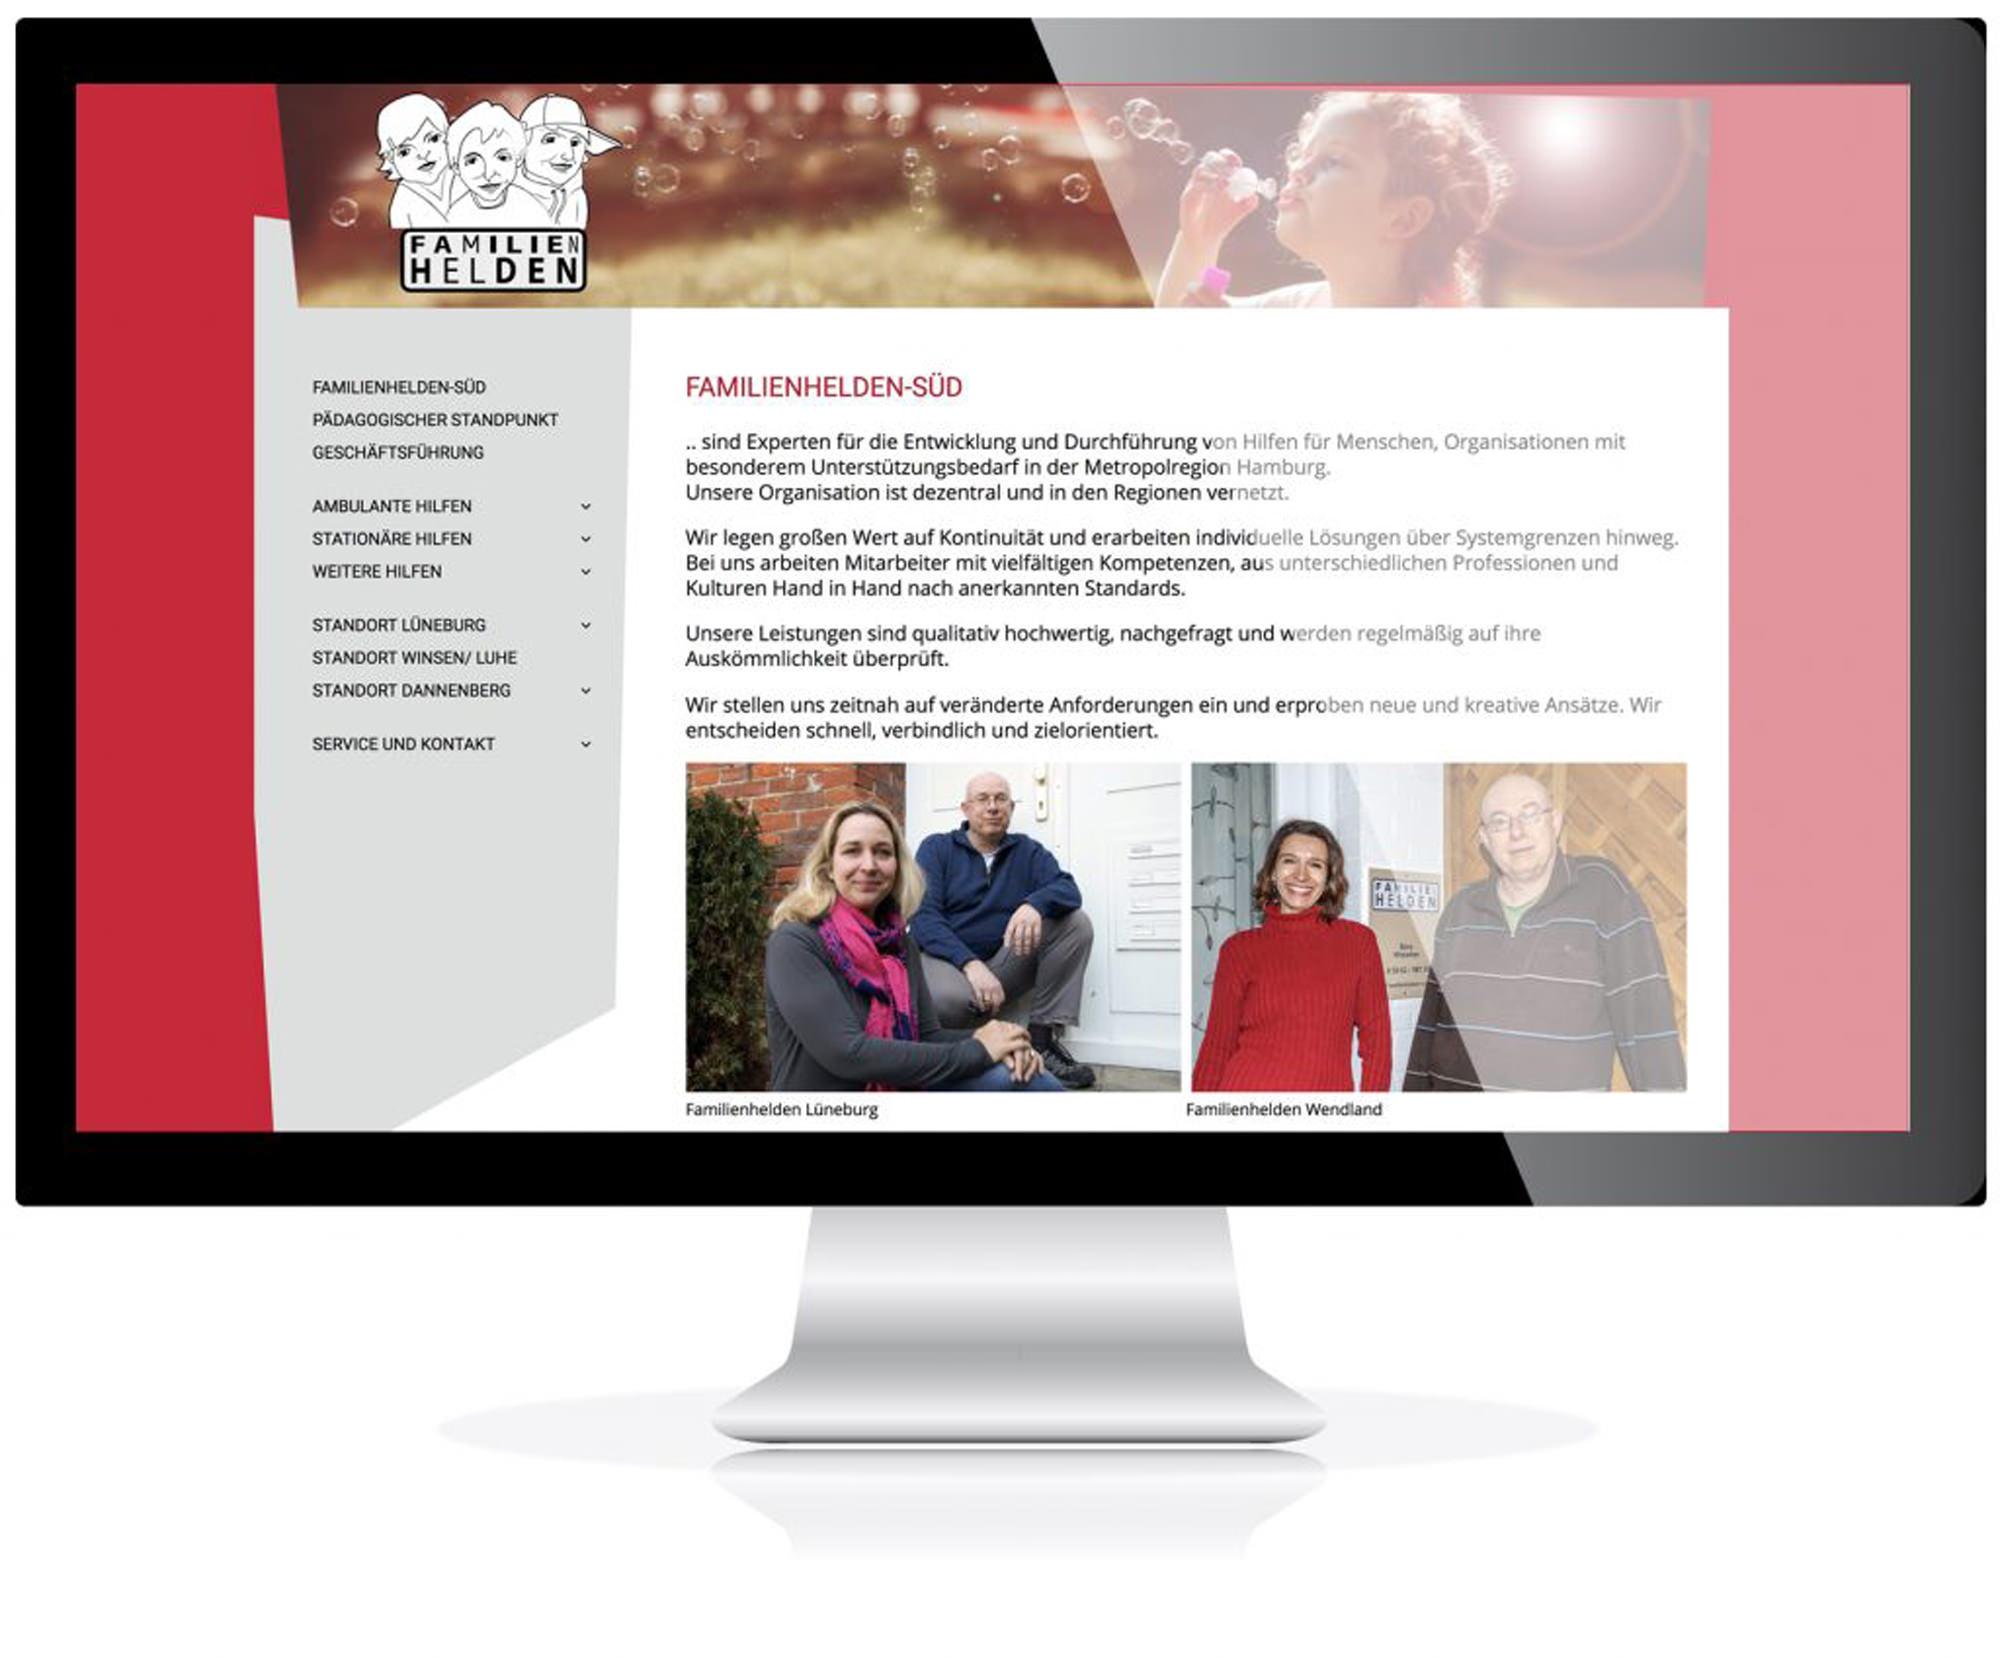 Website für die Familienhelden-Süd, Lüneburg